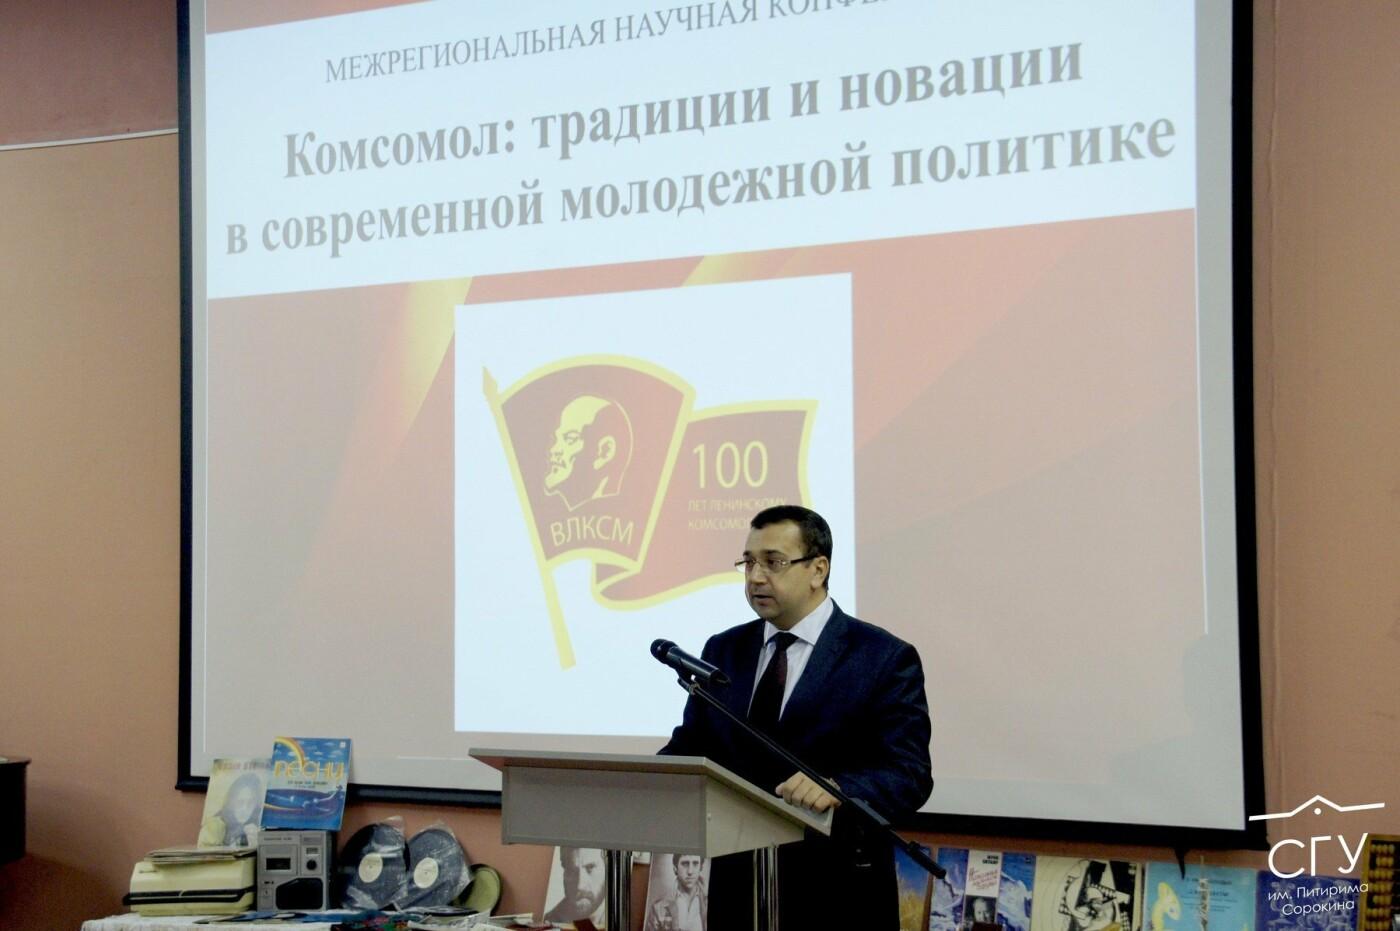 Торжественное открытие конференции «Комсомол: традиции и новации в современной молодежной политике» в СГУ